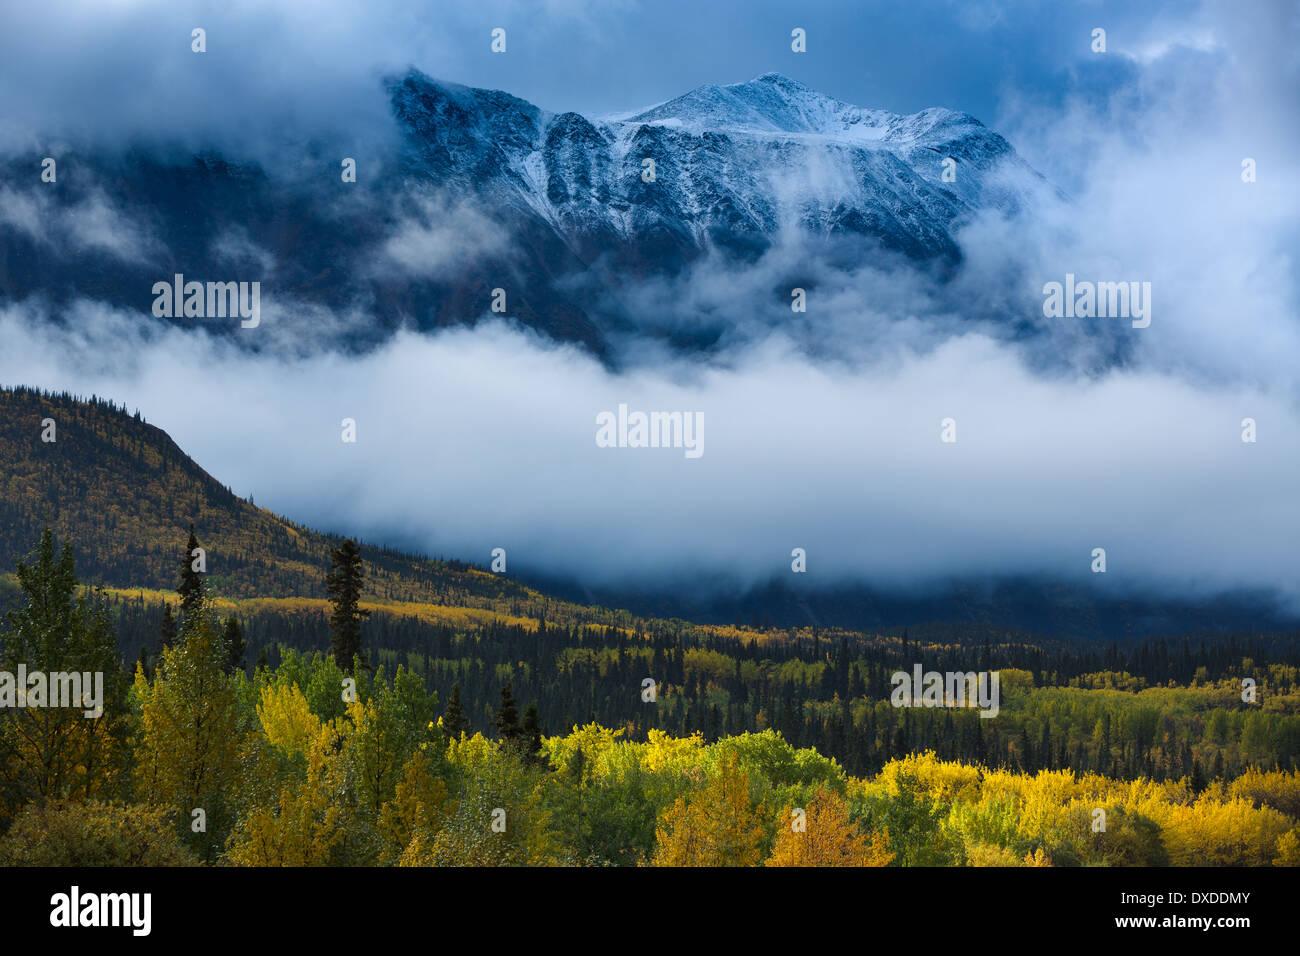 Los colores de otoño y el joven pico, British Columbia, Canadá Imagen De Stock